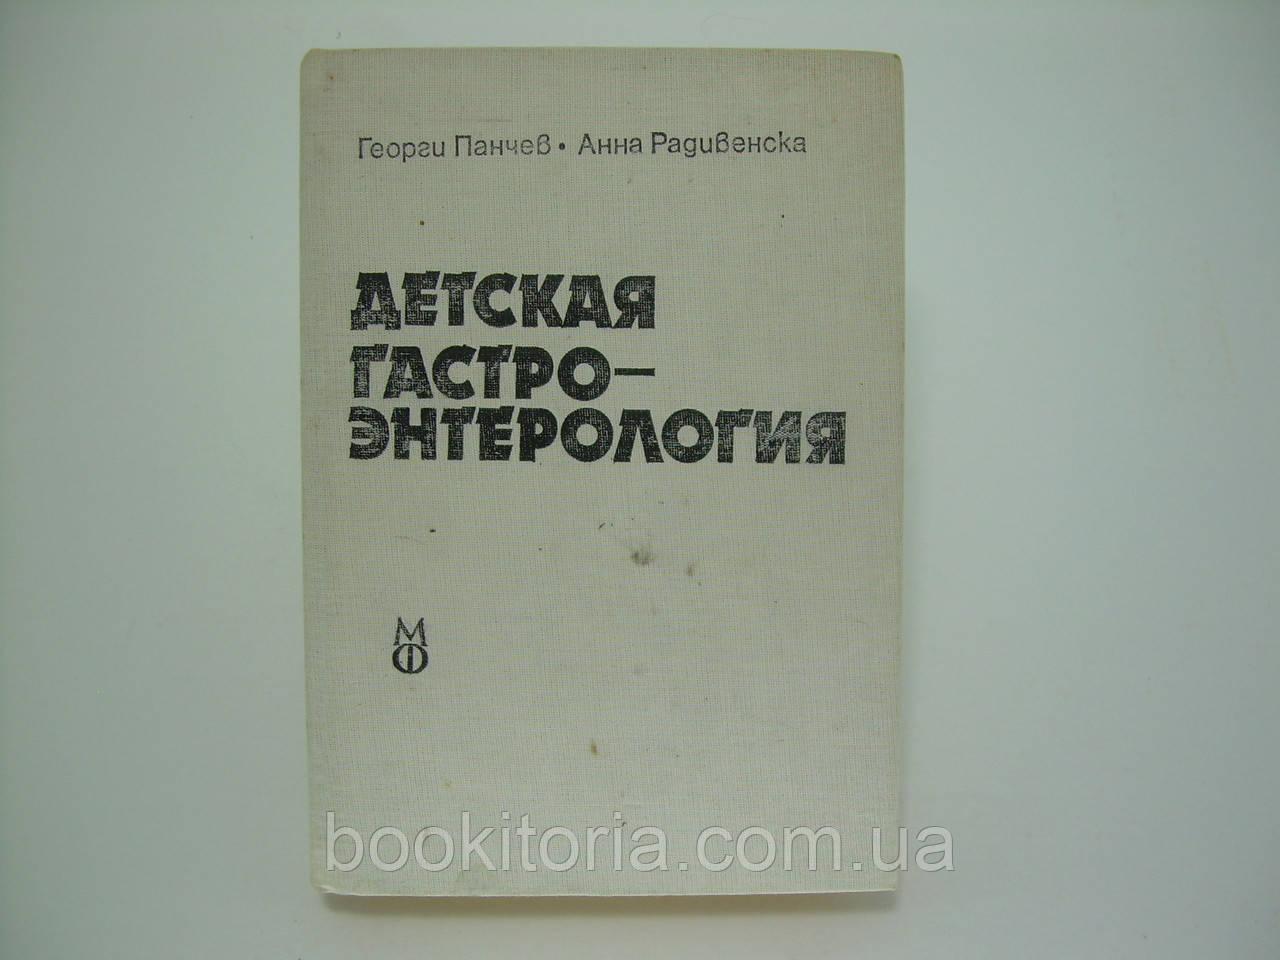 Панчев Г., Радивенска А. Детская гастроэнтерология (б/у).